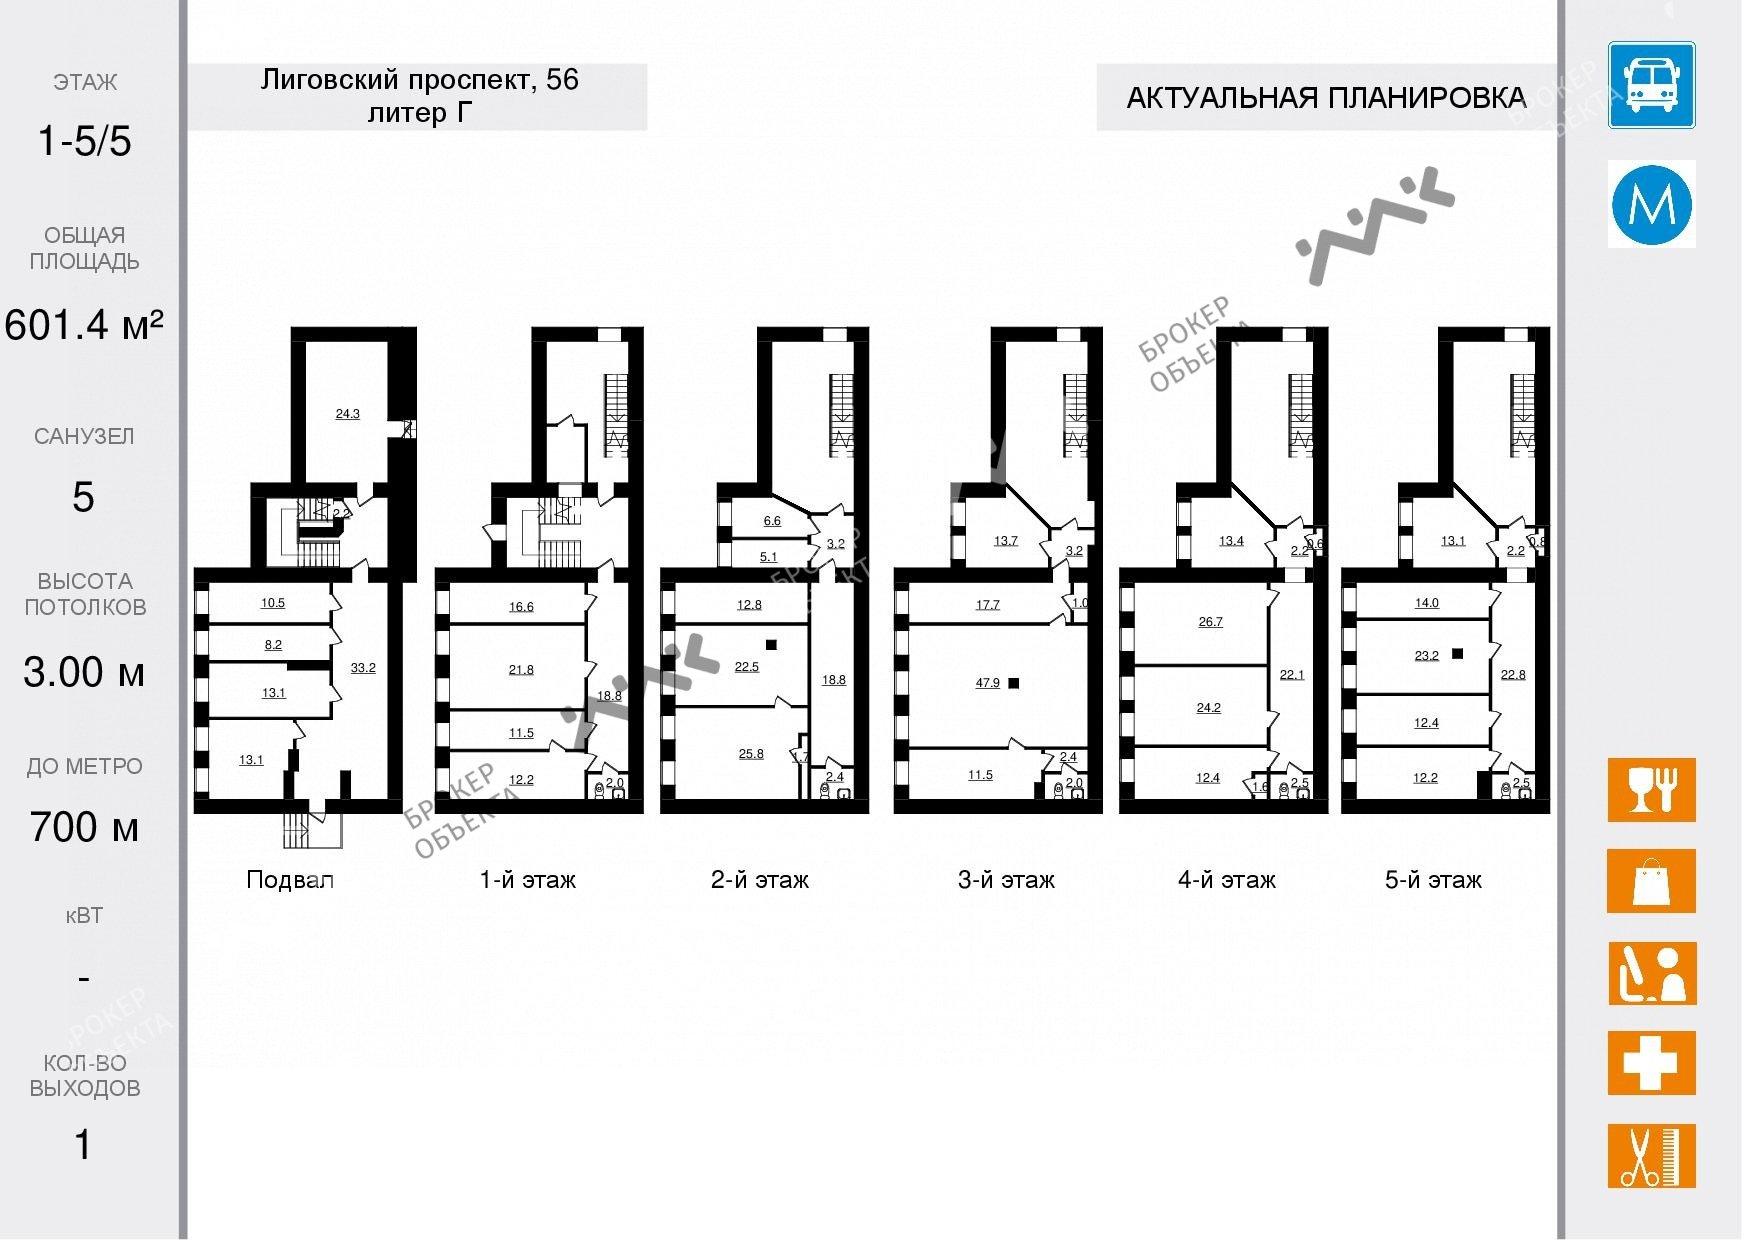 Планировка Лиговский проспект, д.56, лит.Г. Лот № 41038250